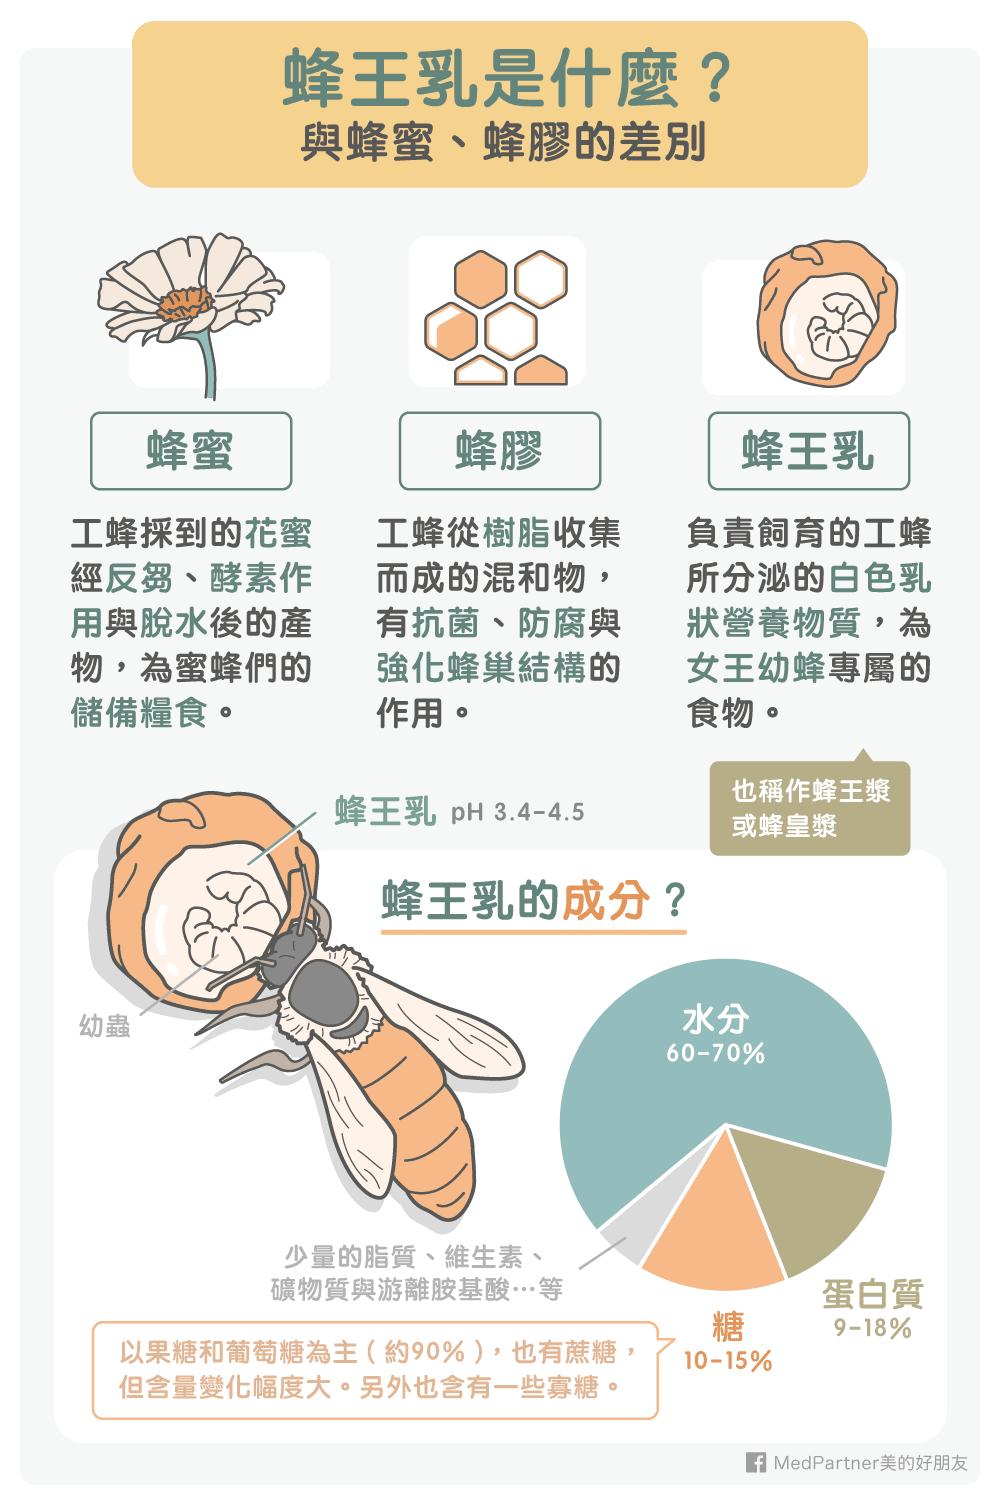 蜂王乳是什麼?